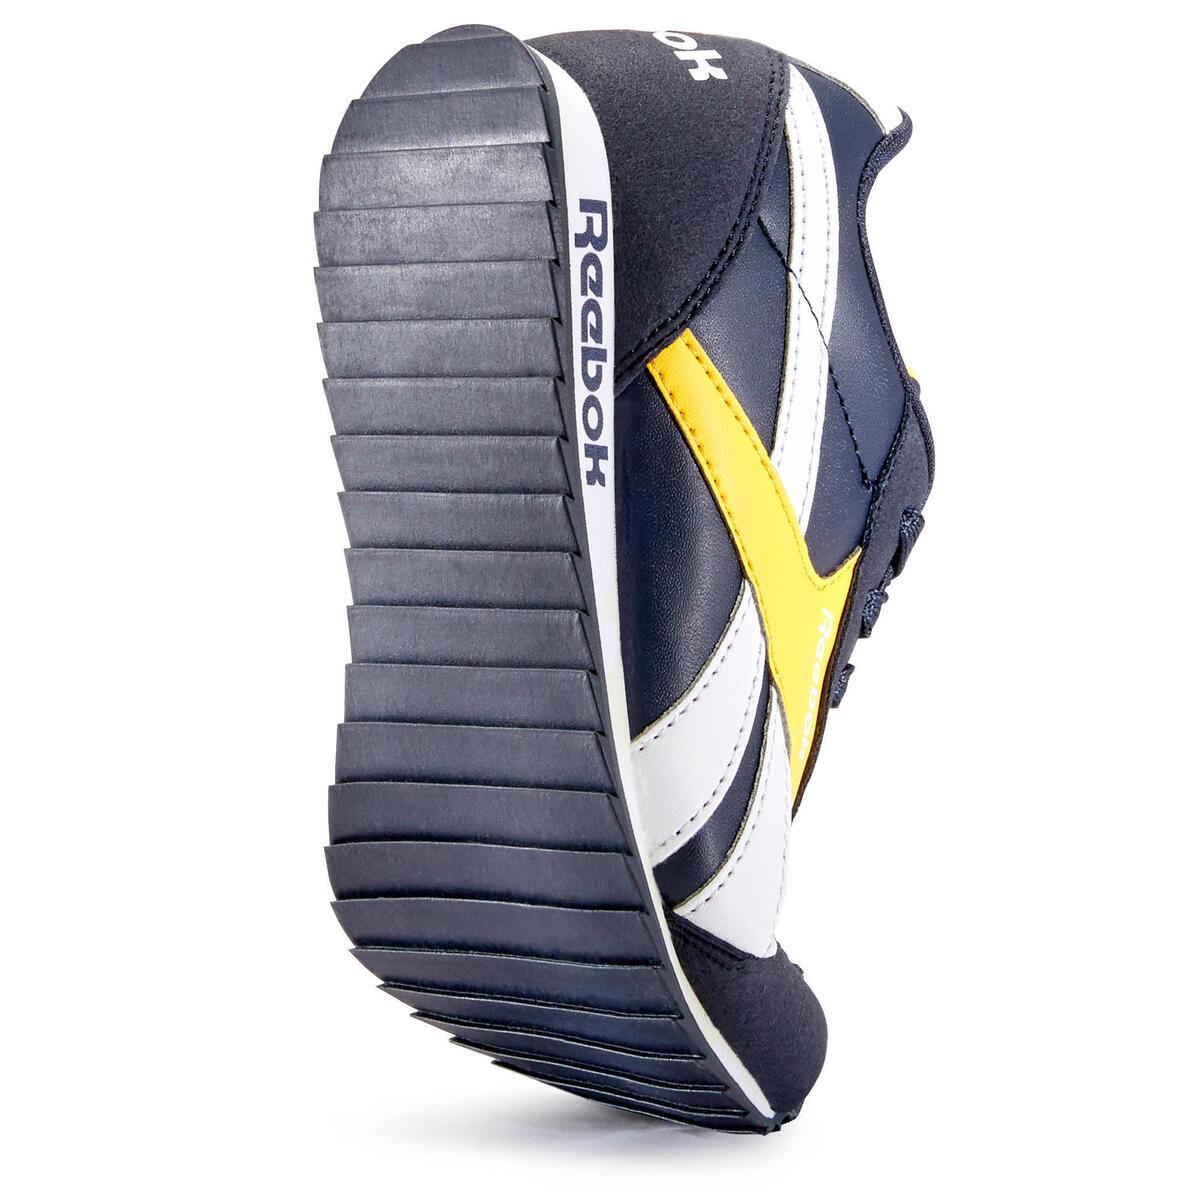 Bild 2 von Sportschuhe Walking Royal Schnürsenkel Kinder marineblau